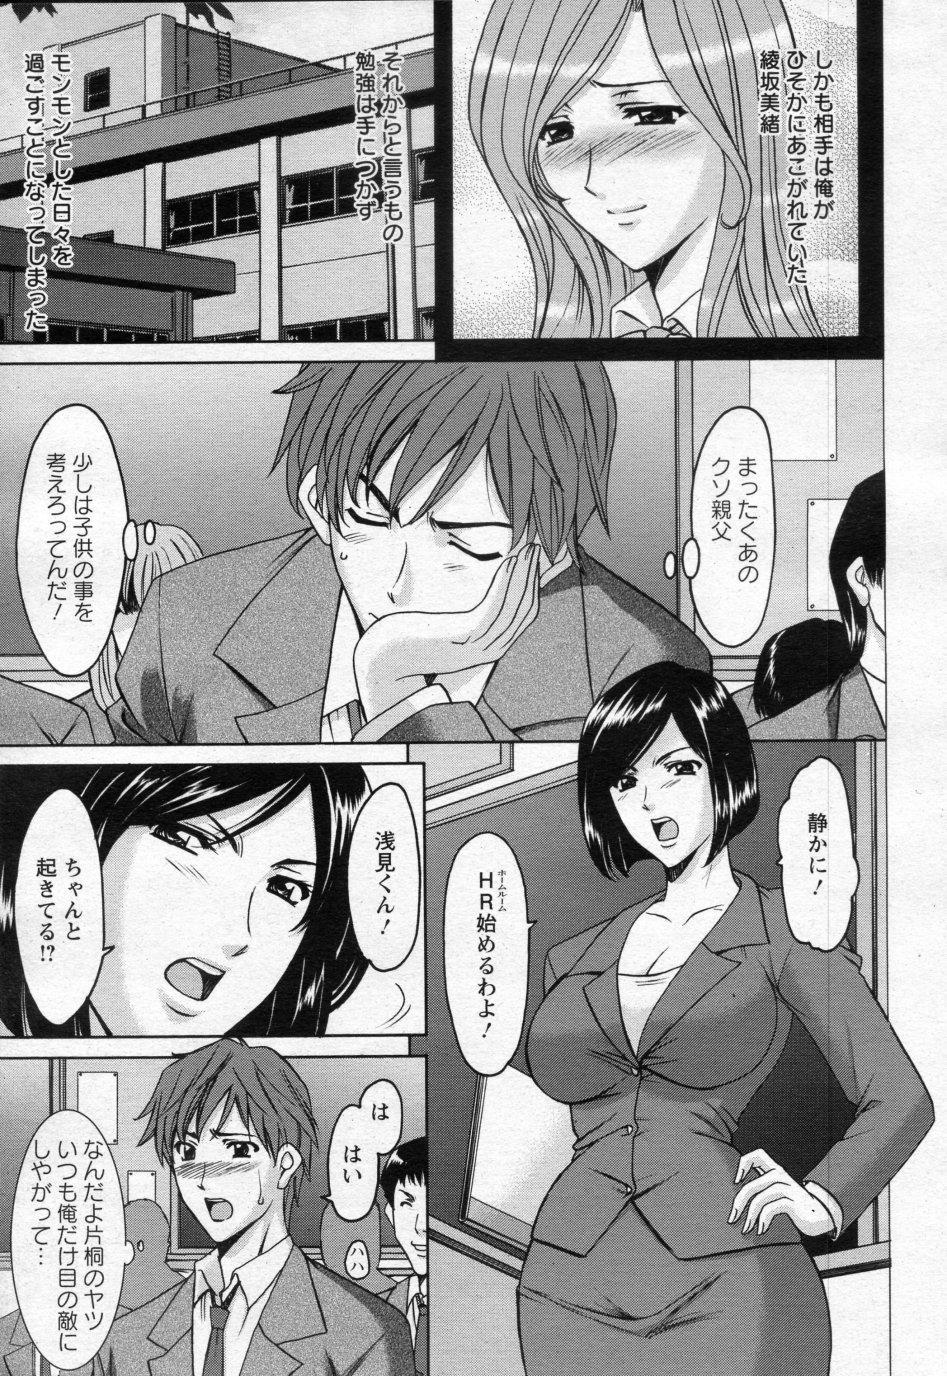 [Hoshino Ryuichi] Mjo Collection -Nidaime Choukyoushi- Ch.01-02 6